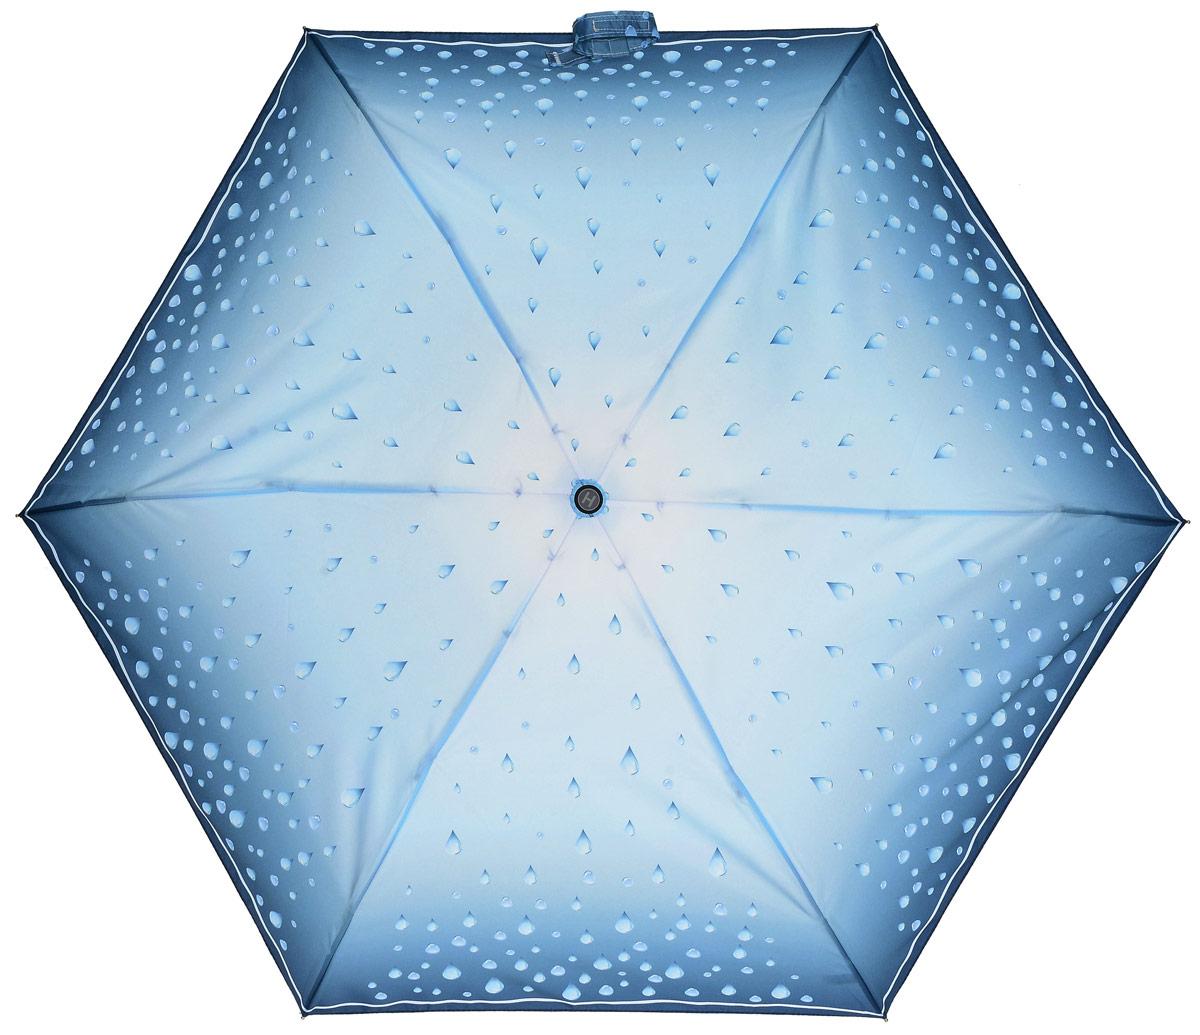 Зонт женский Henry Backer, 5 сложений, цвет: голубой. U34202 Rain dropsU34202 Rain dropsЛегкий женский зонт «Капли дождя», голубой, механика Рукоять выполнена из нескользящего комфортного для ладони материала, ветроустойчивый каркас сделан из алюминия и фибергласса.